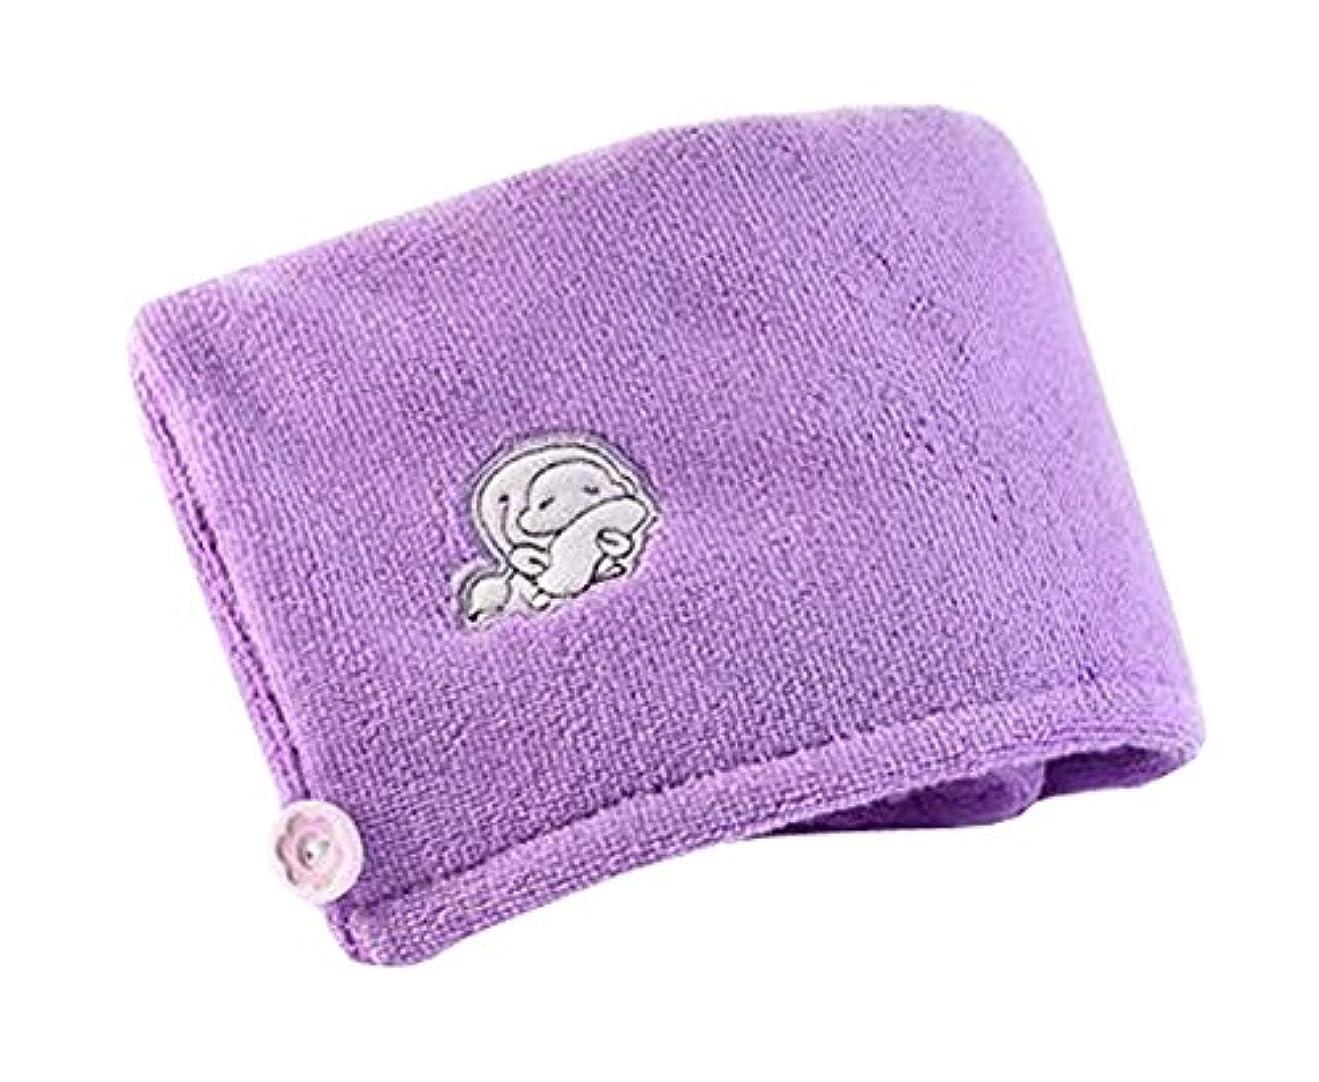 スキー確かにトロイの木馬スーパー吸収タオル厚いヘアシャワーキャップ、太郎紫